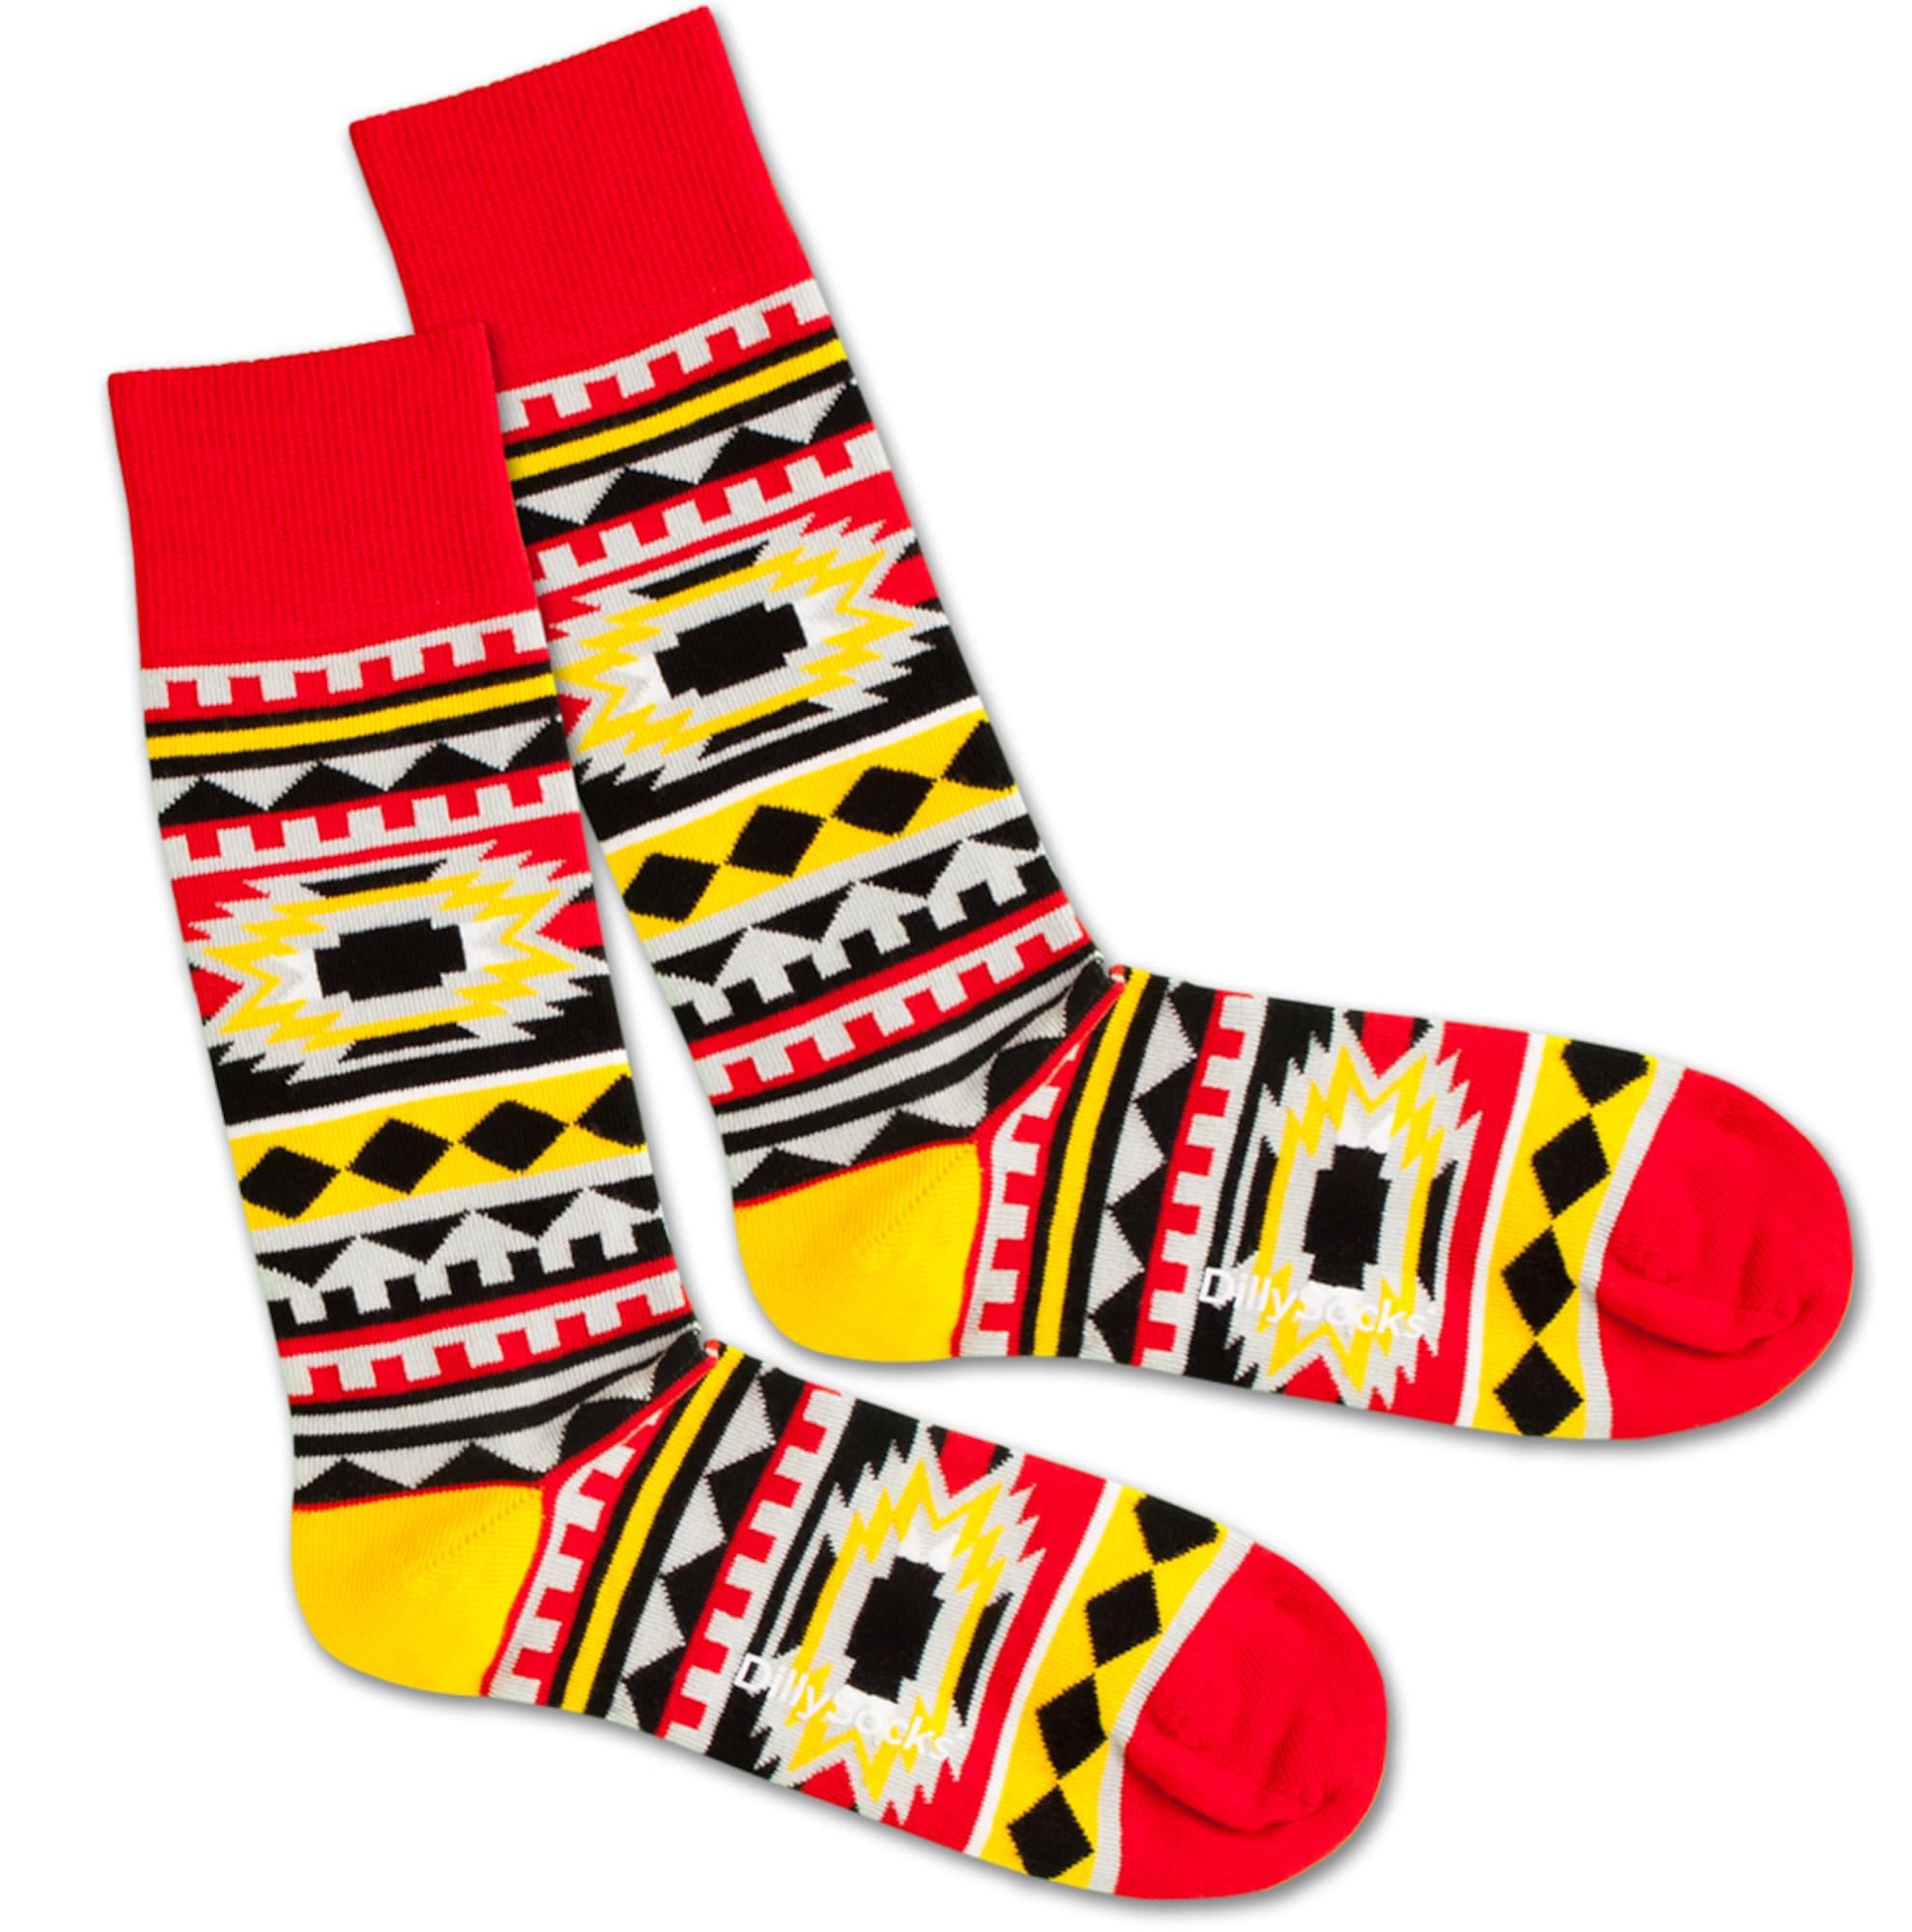 Ponožky Native Sunset žlutá červená černá bílá DillySocks